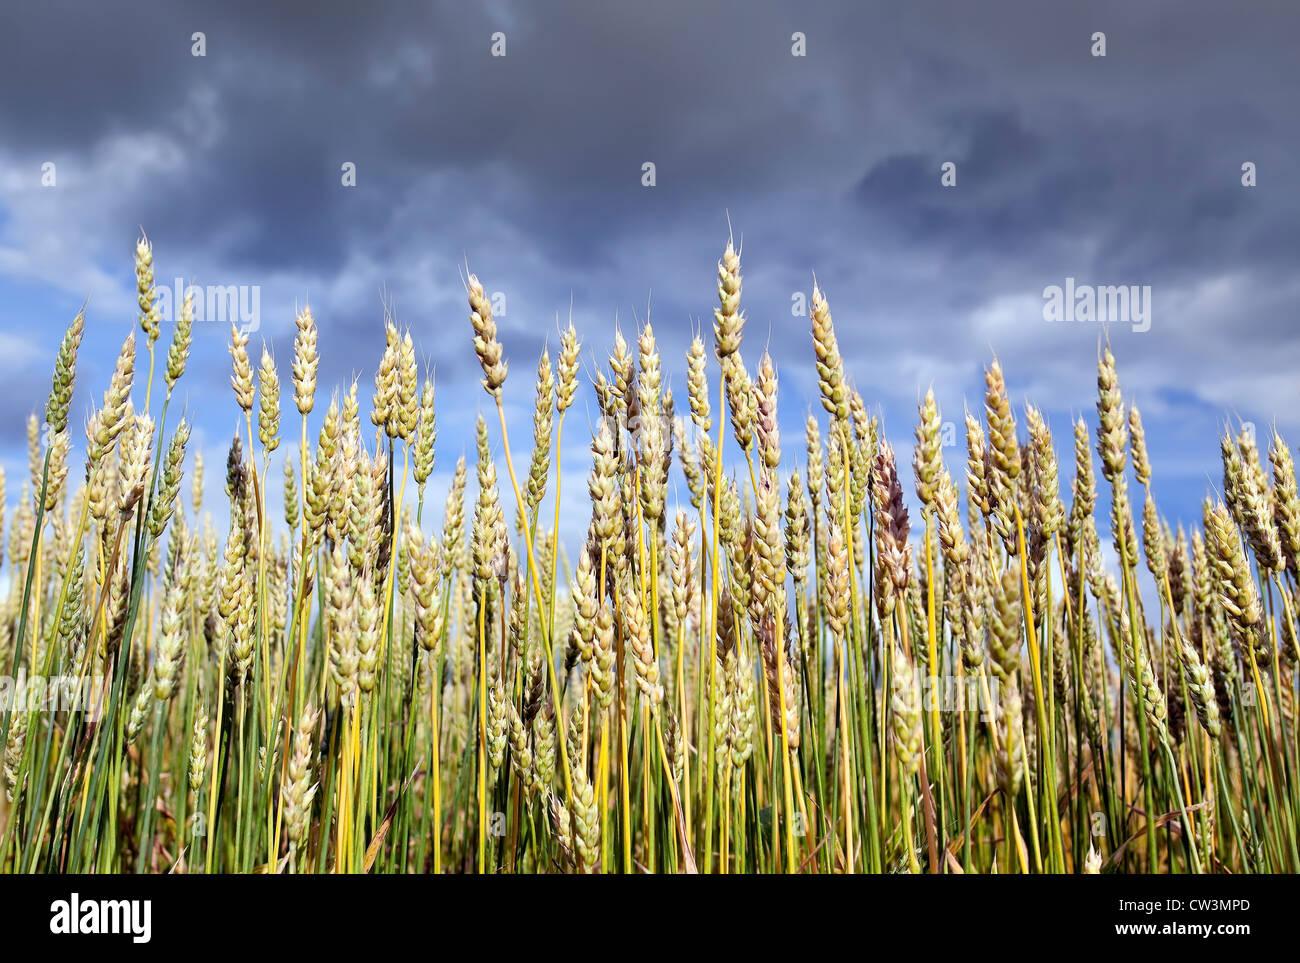 Wheat field, Manitoba, Canada - Stock Image